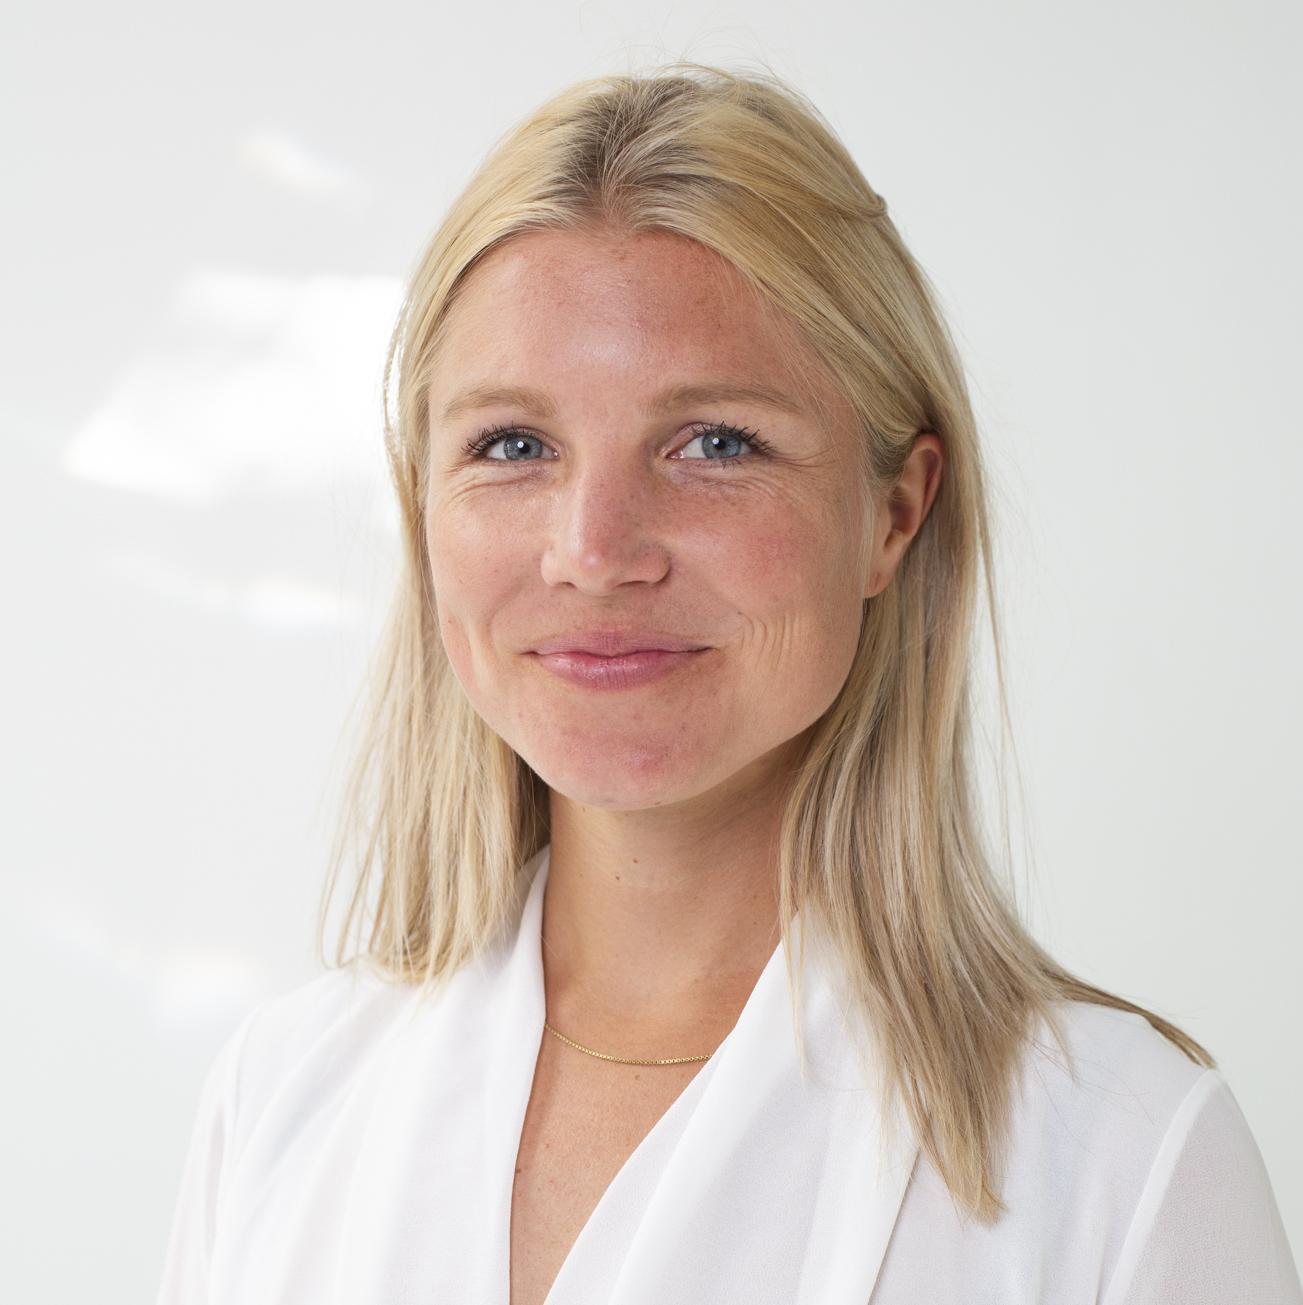 Johanna Salewsky